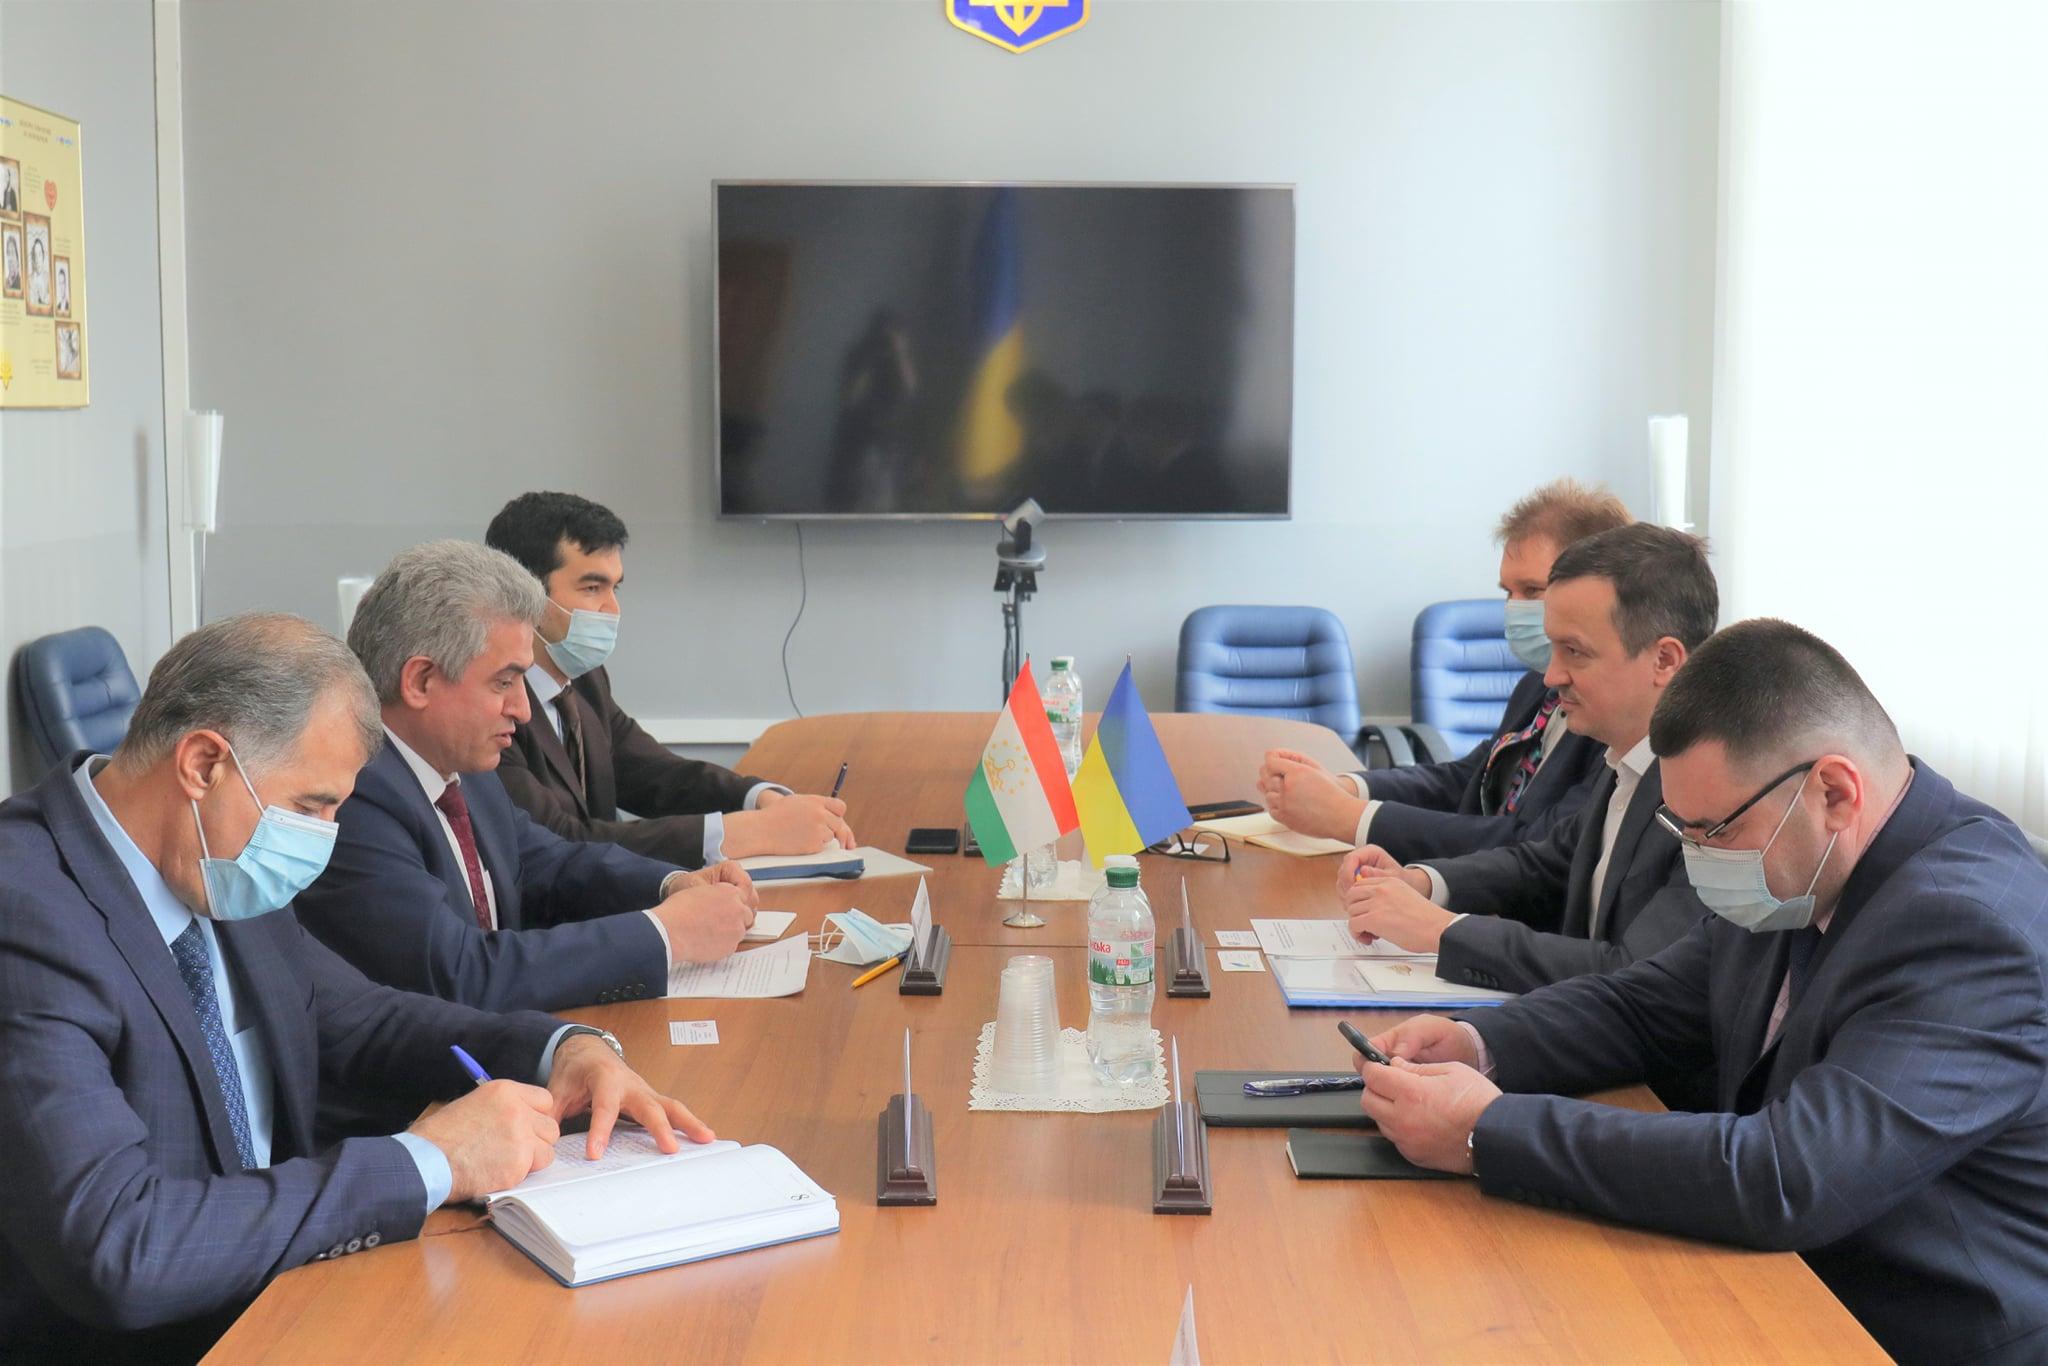 Петрашко: Україна зацікавлена у збільшенні двостороннього торговельного обороту з Таджикистаном